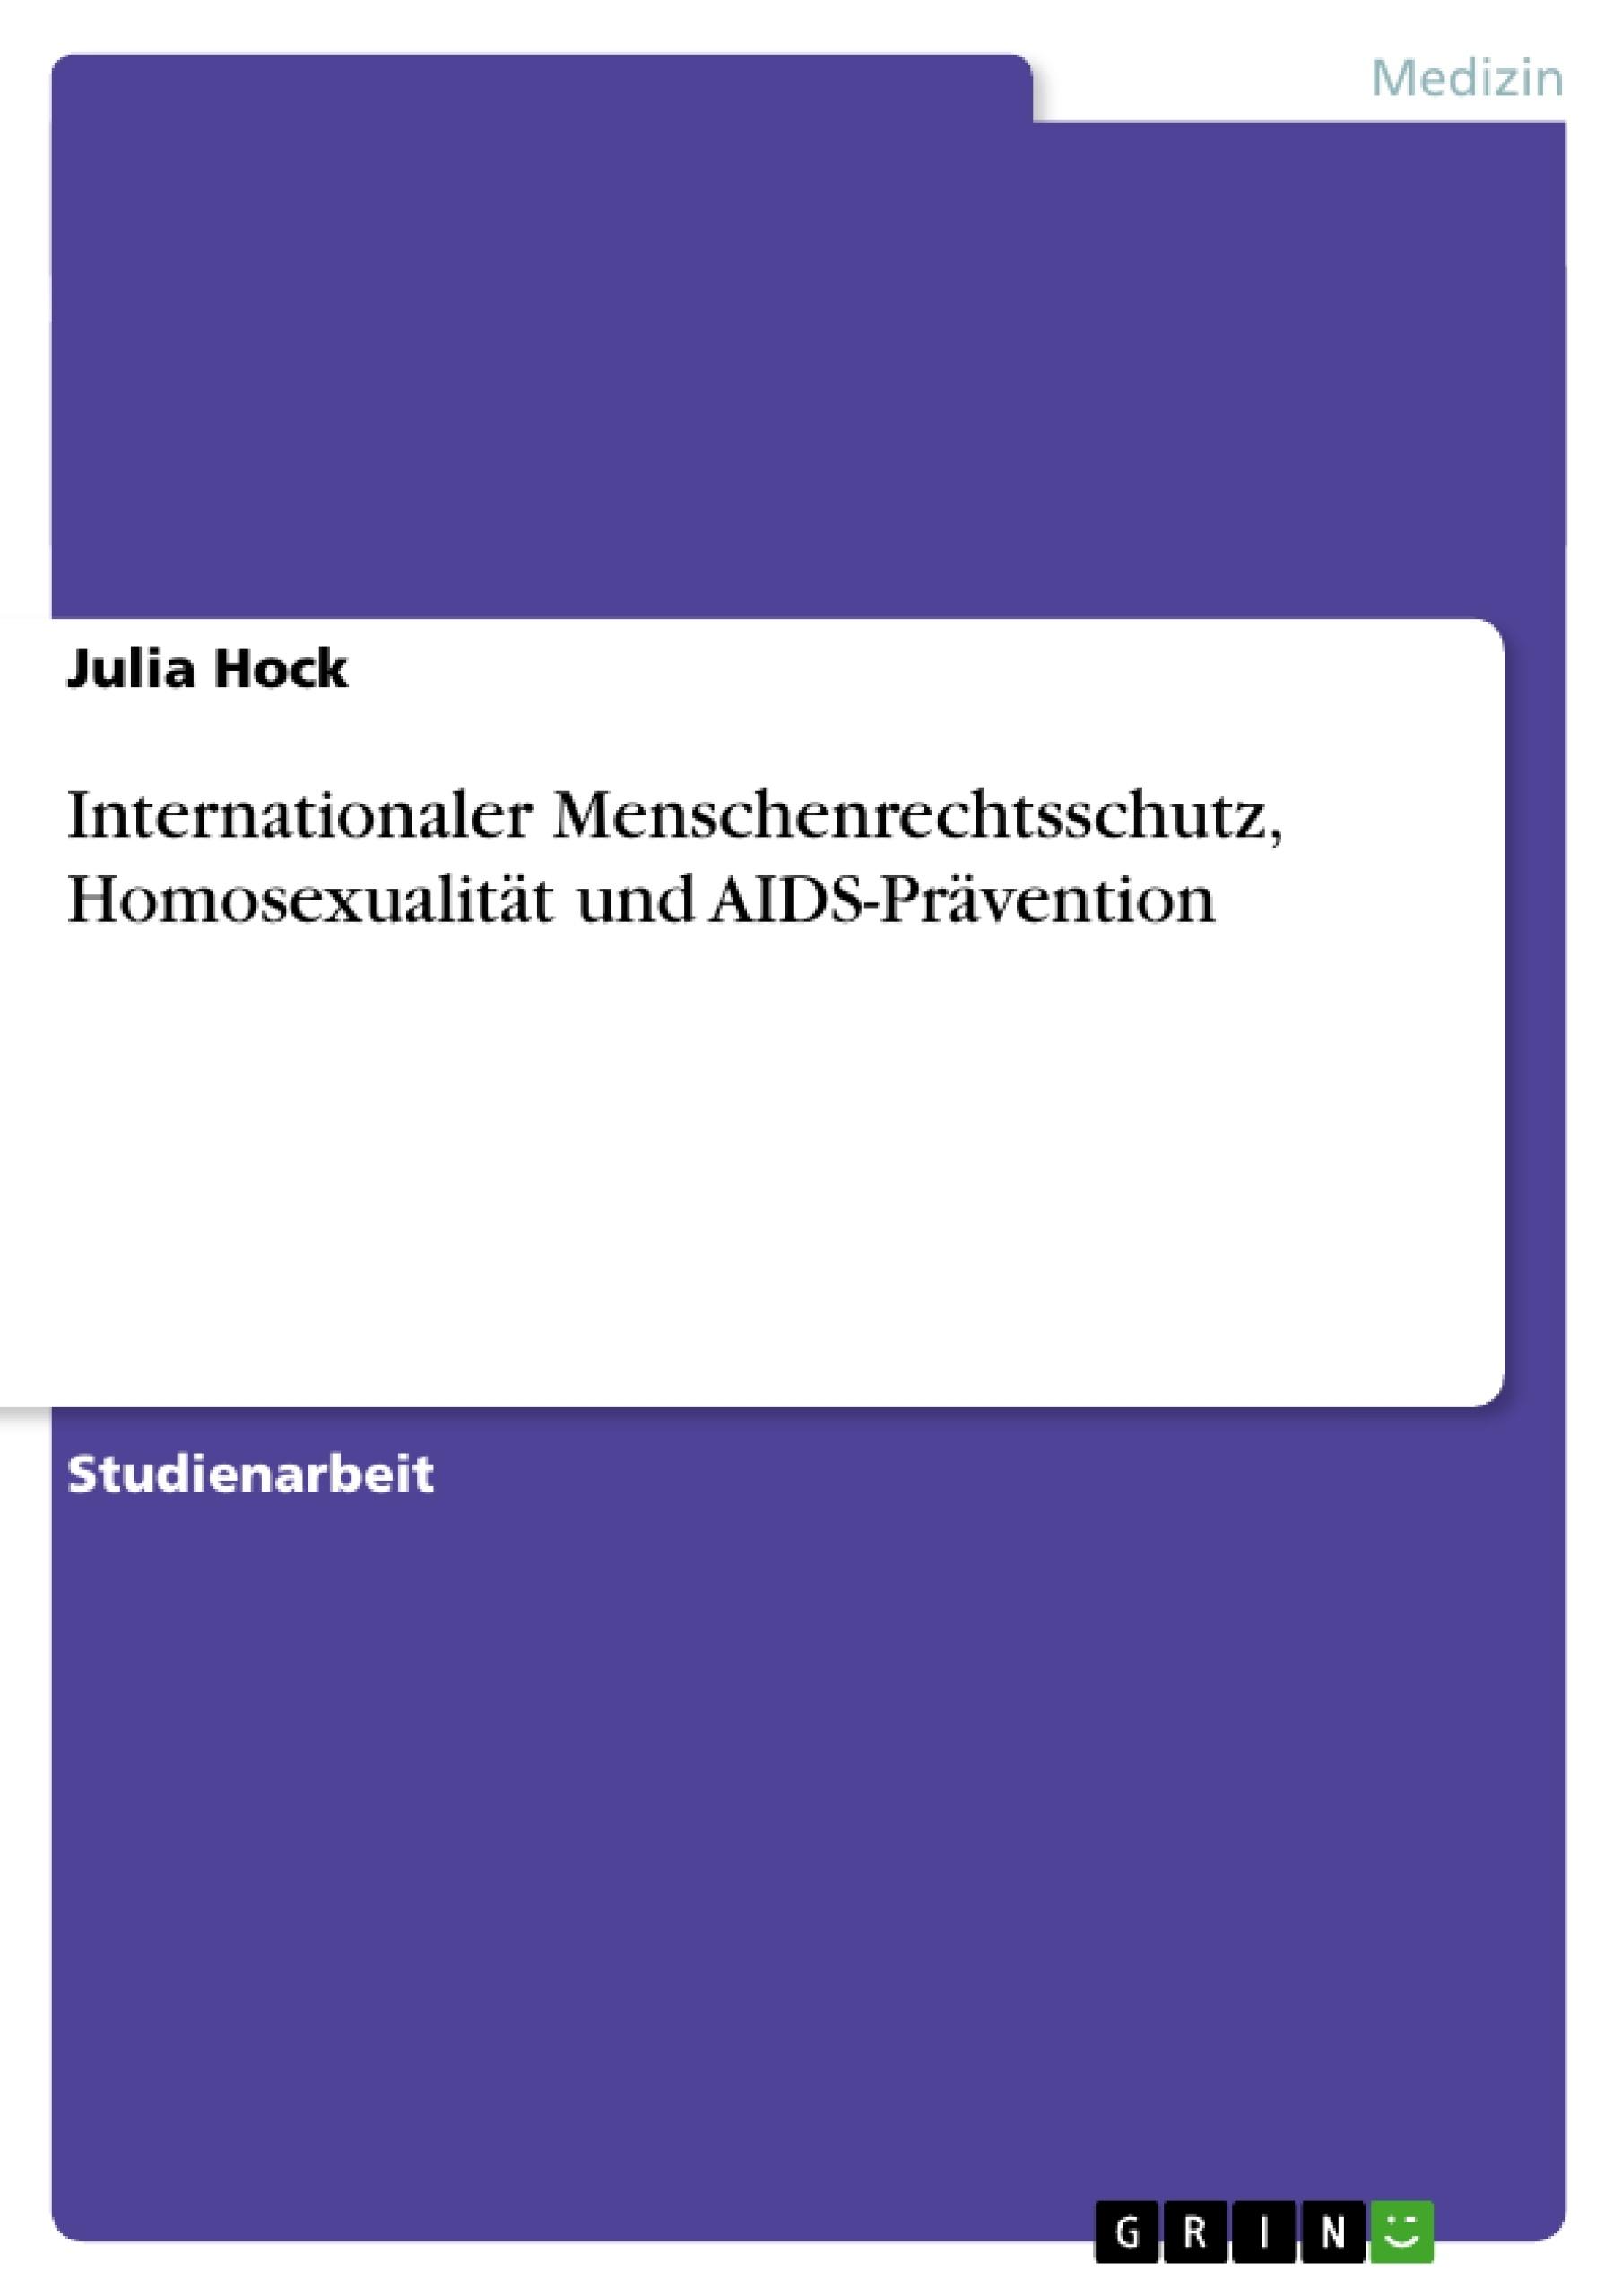 Titel: Internationaler Menschenrechtsschutz, Homosexualität und AIDS-Prävention